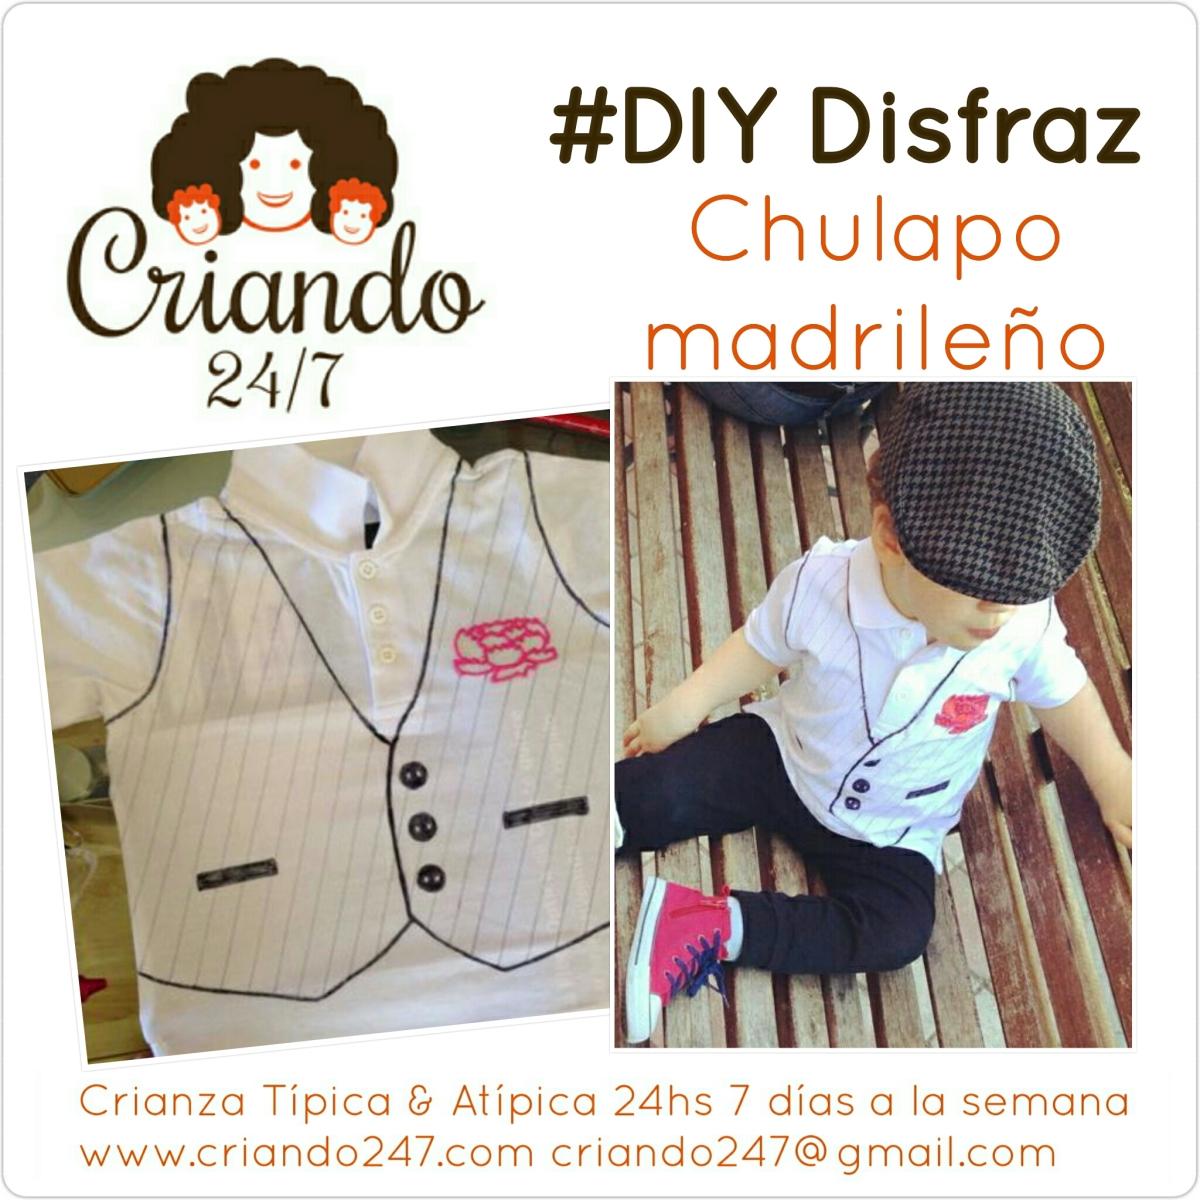 #DIY Disfraz Express Chulapo / madrileño para niño